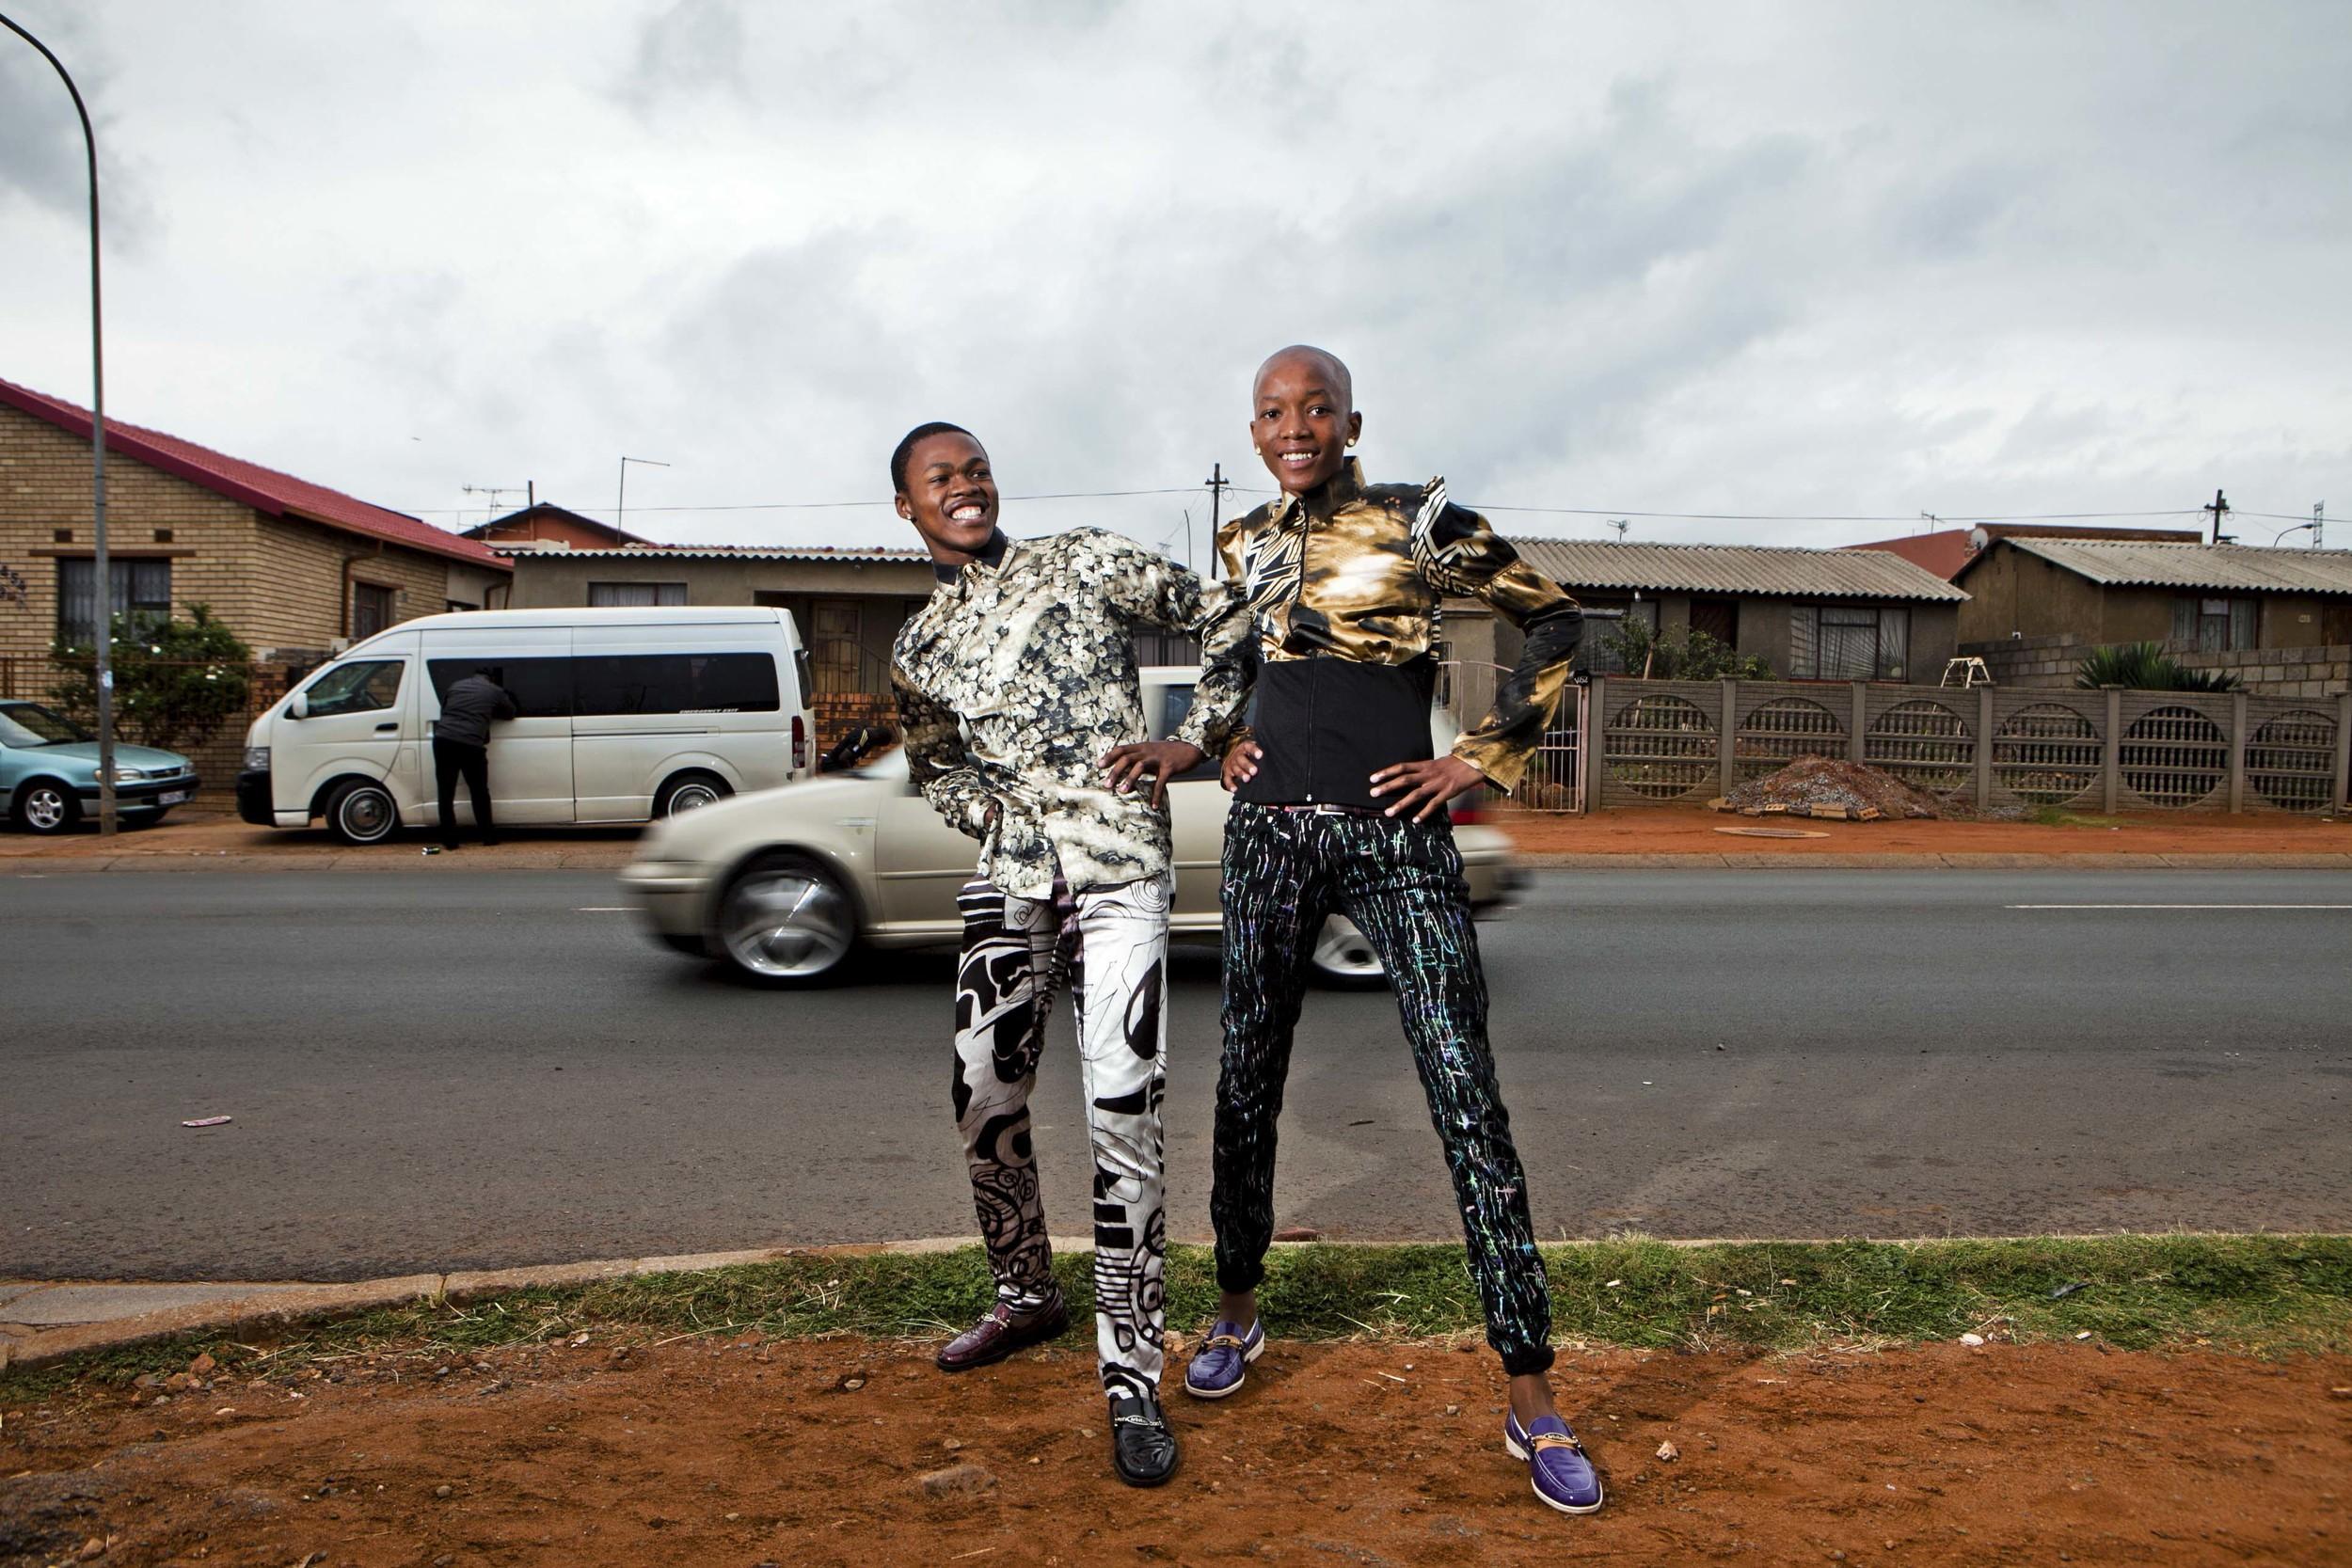 Izikhothane, Soweto, South Africa